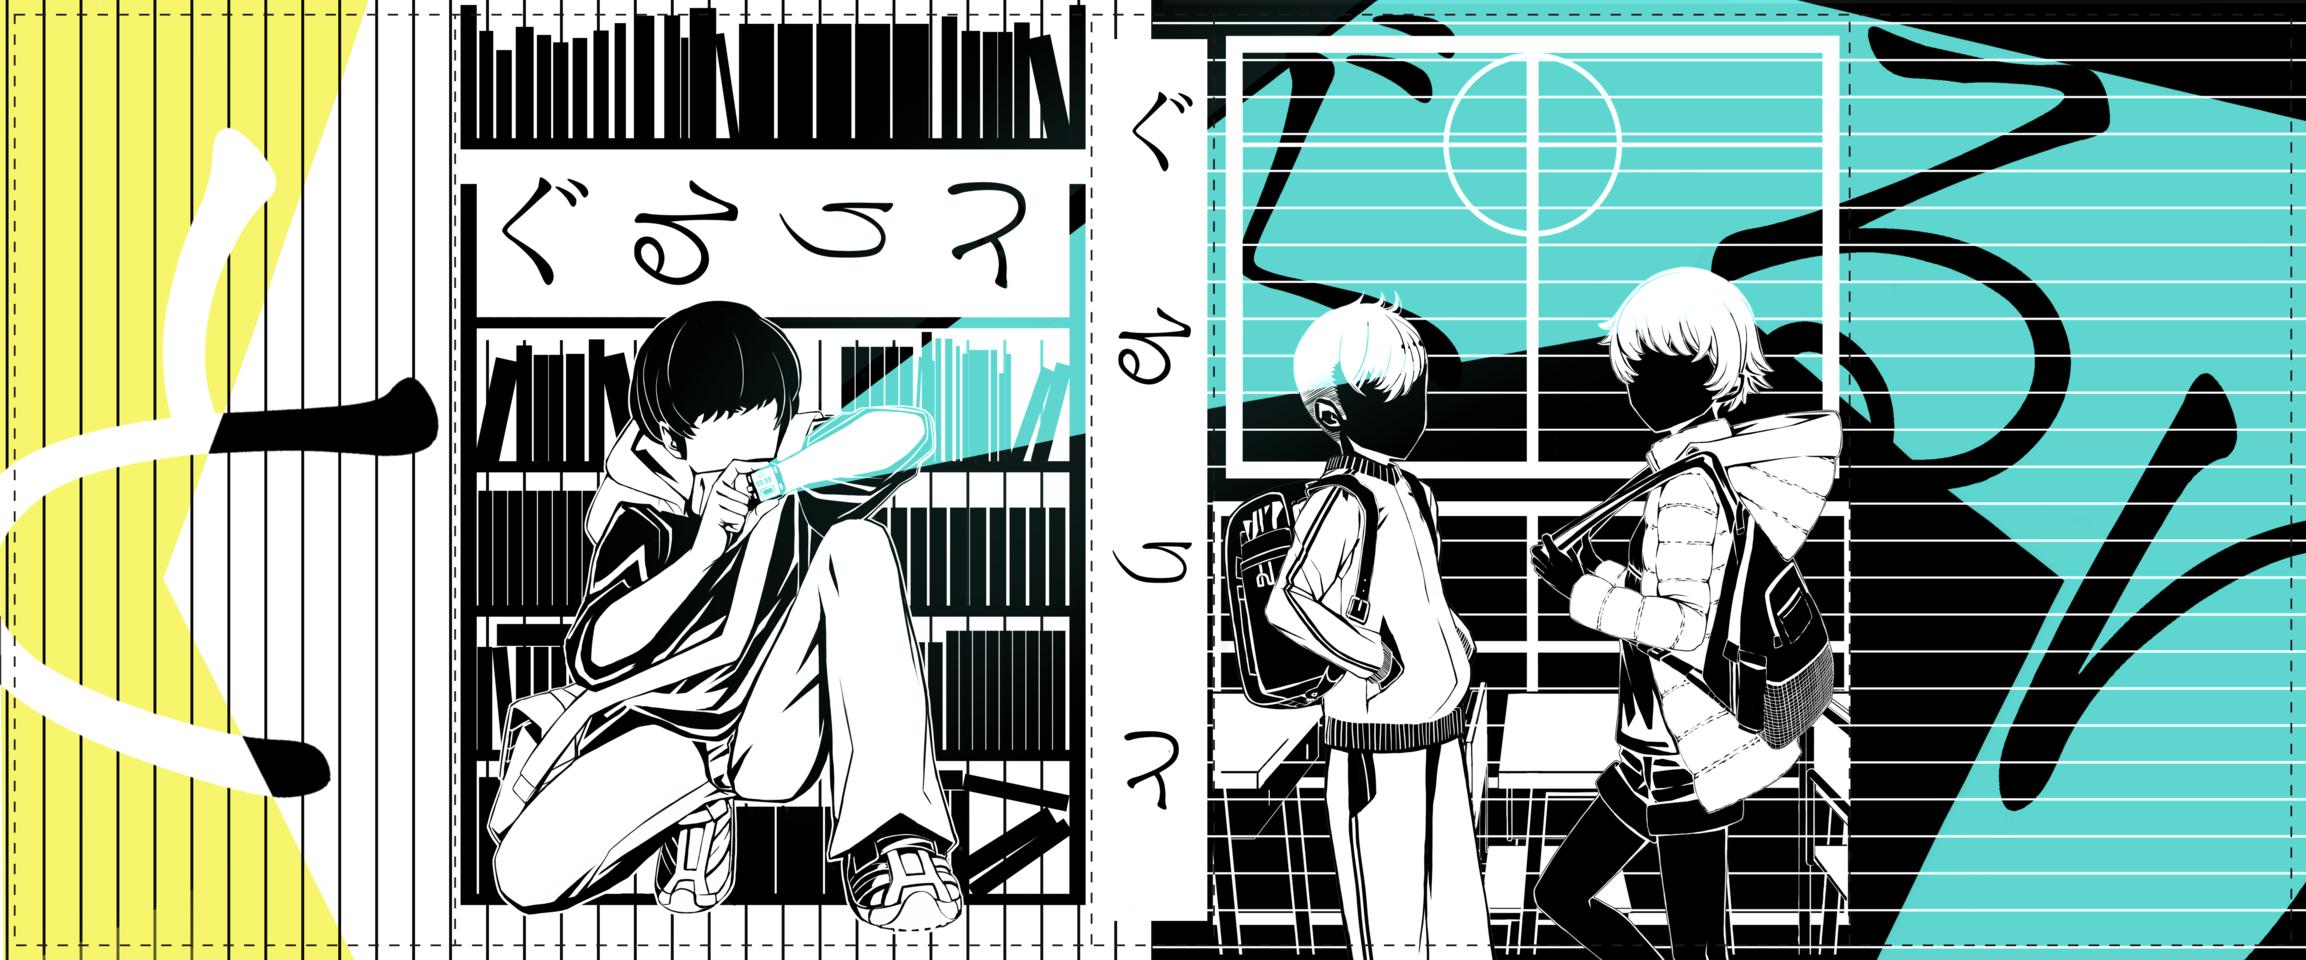 ぐるりと カバーイラスト Illust of 鵜鷺屋 Spinning_contest